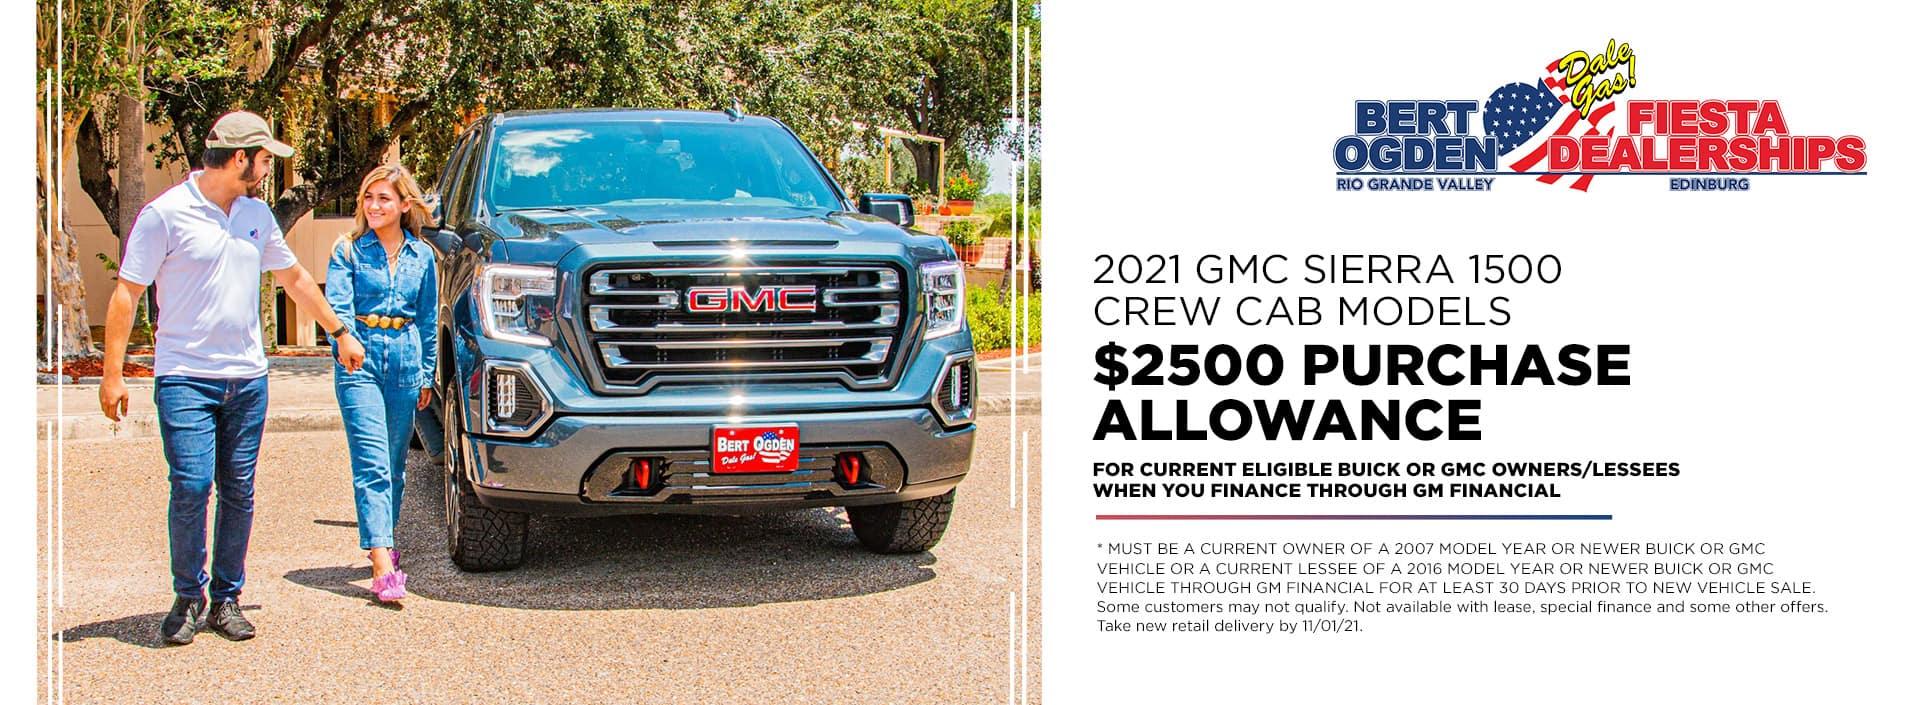 2021 GMC Sierra Offer | McAllen, TX